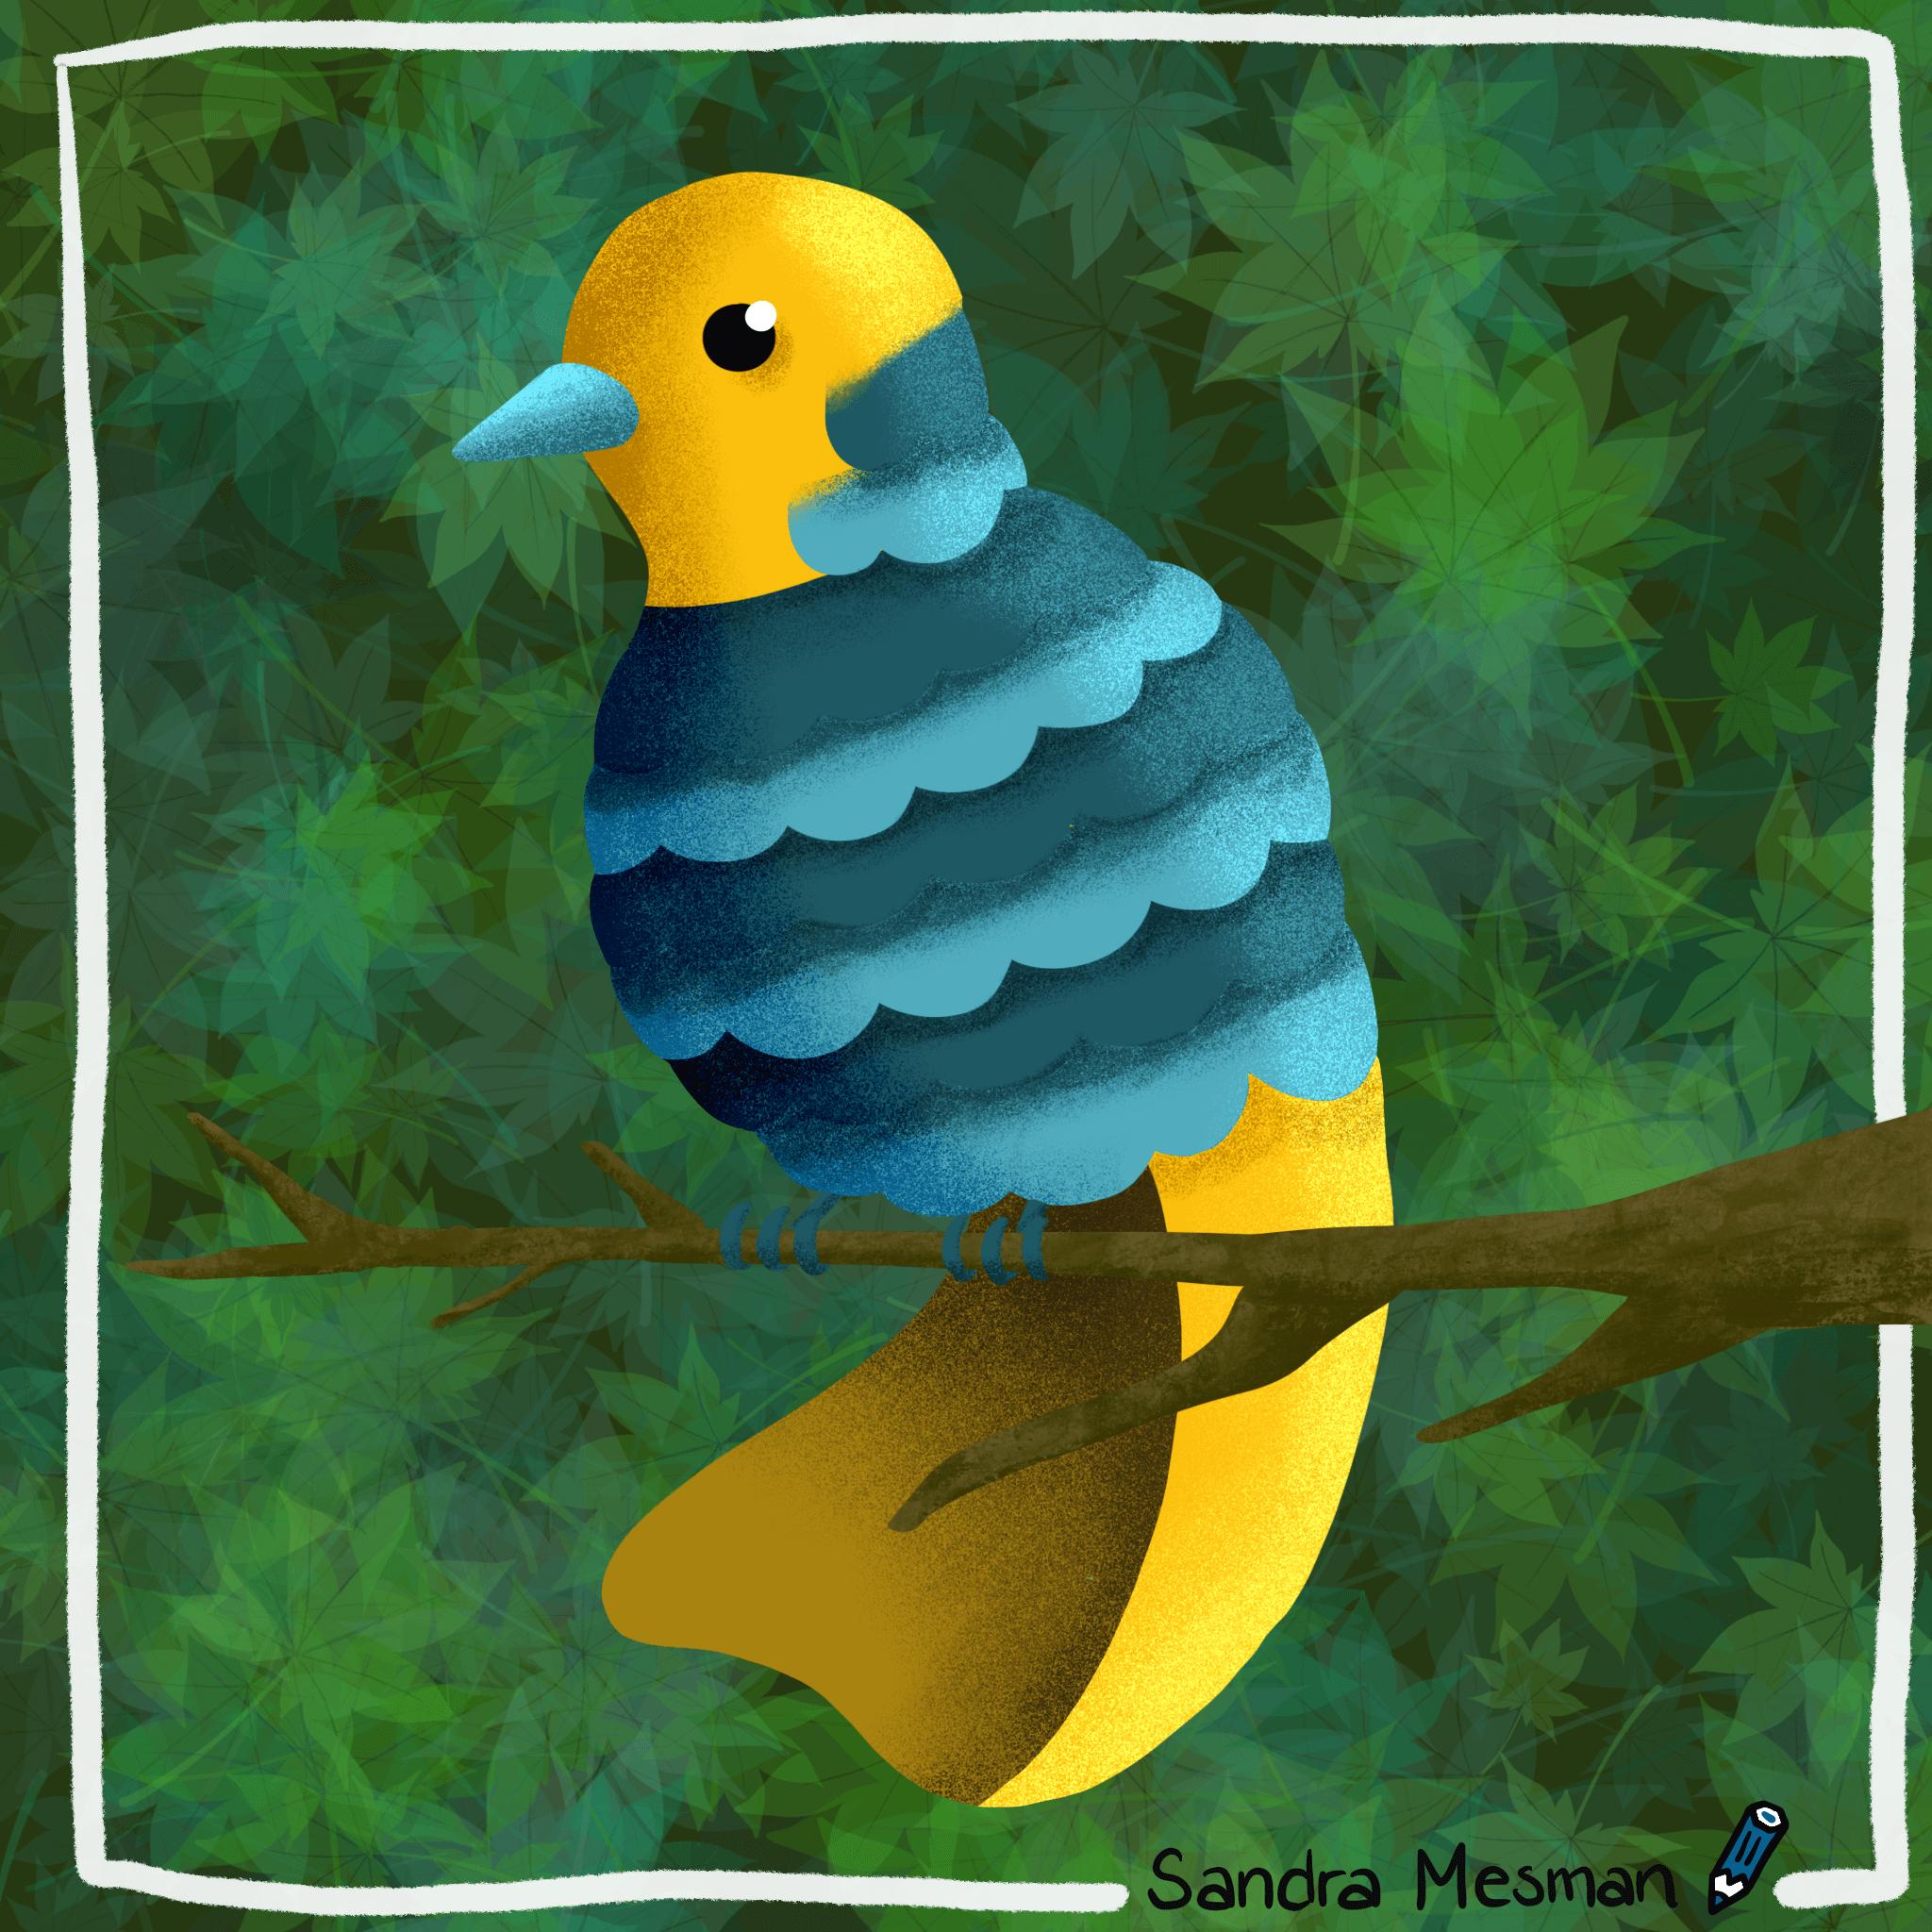 Vreemde vogel tekening als huiswerk voor de online cursus procreate voor gevorderden van Gouden Lijntjes